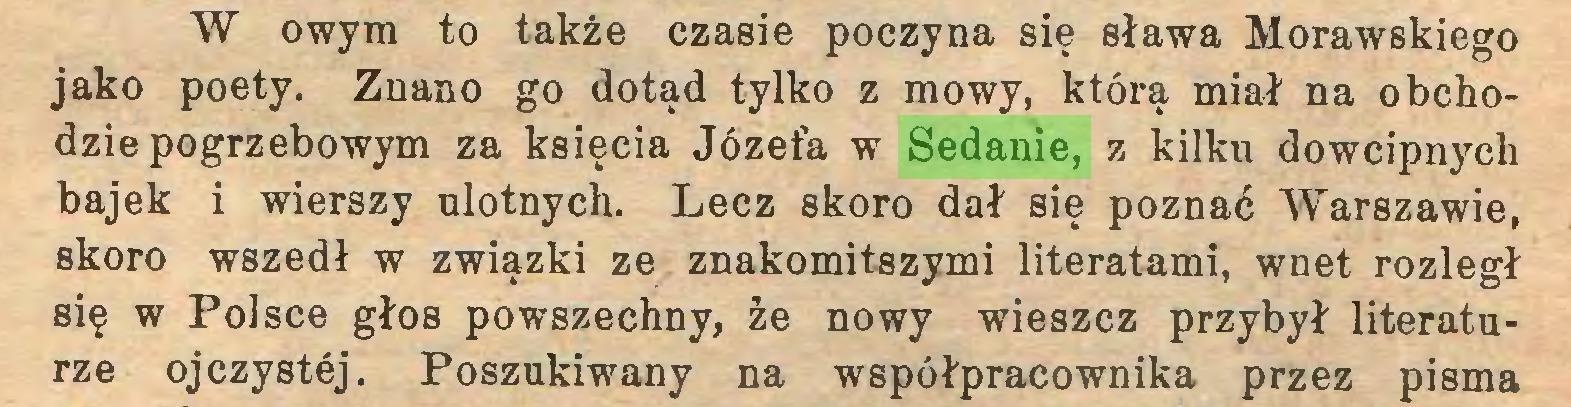 (...) W owym to także czasie poczyna się sława Morawskiego jako poety. Znano go dotąd tylko z mowy, którą miał na obchodzie pogrzebowym za księcia Józefa w Sedanie, z kilku dowcipnych bajek i wierszy ulotnych. Lecz skoro dał się poznać Warszawie, skoro wszedł w związki ze znakomitszymi literatami, wnet rozległ się w Polsce głos powszechny, że nowy wieszcz przybył literaturze ojczystej. Poszukiwany na współpracownika przez pisma...